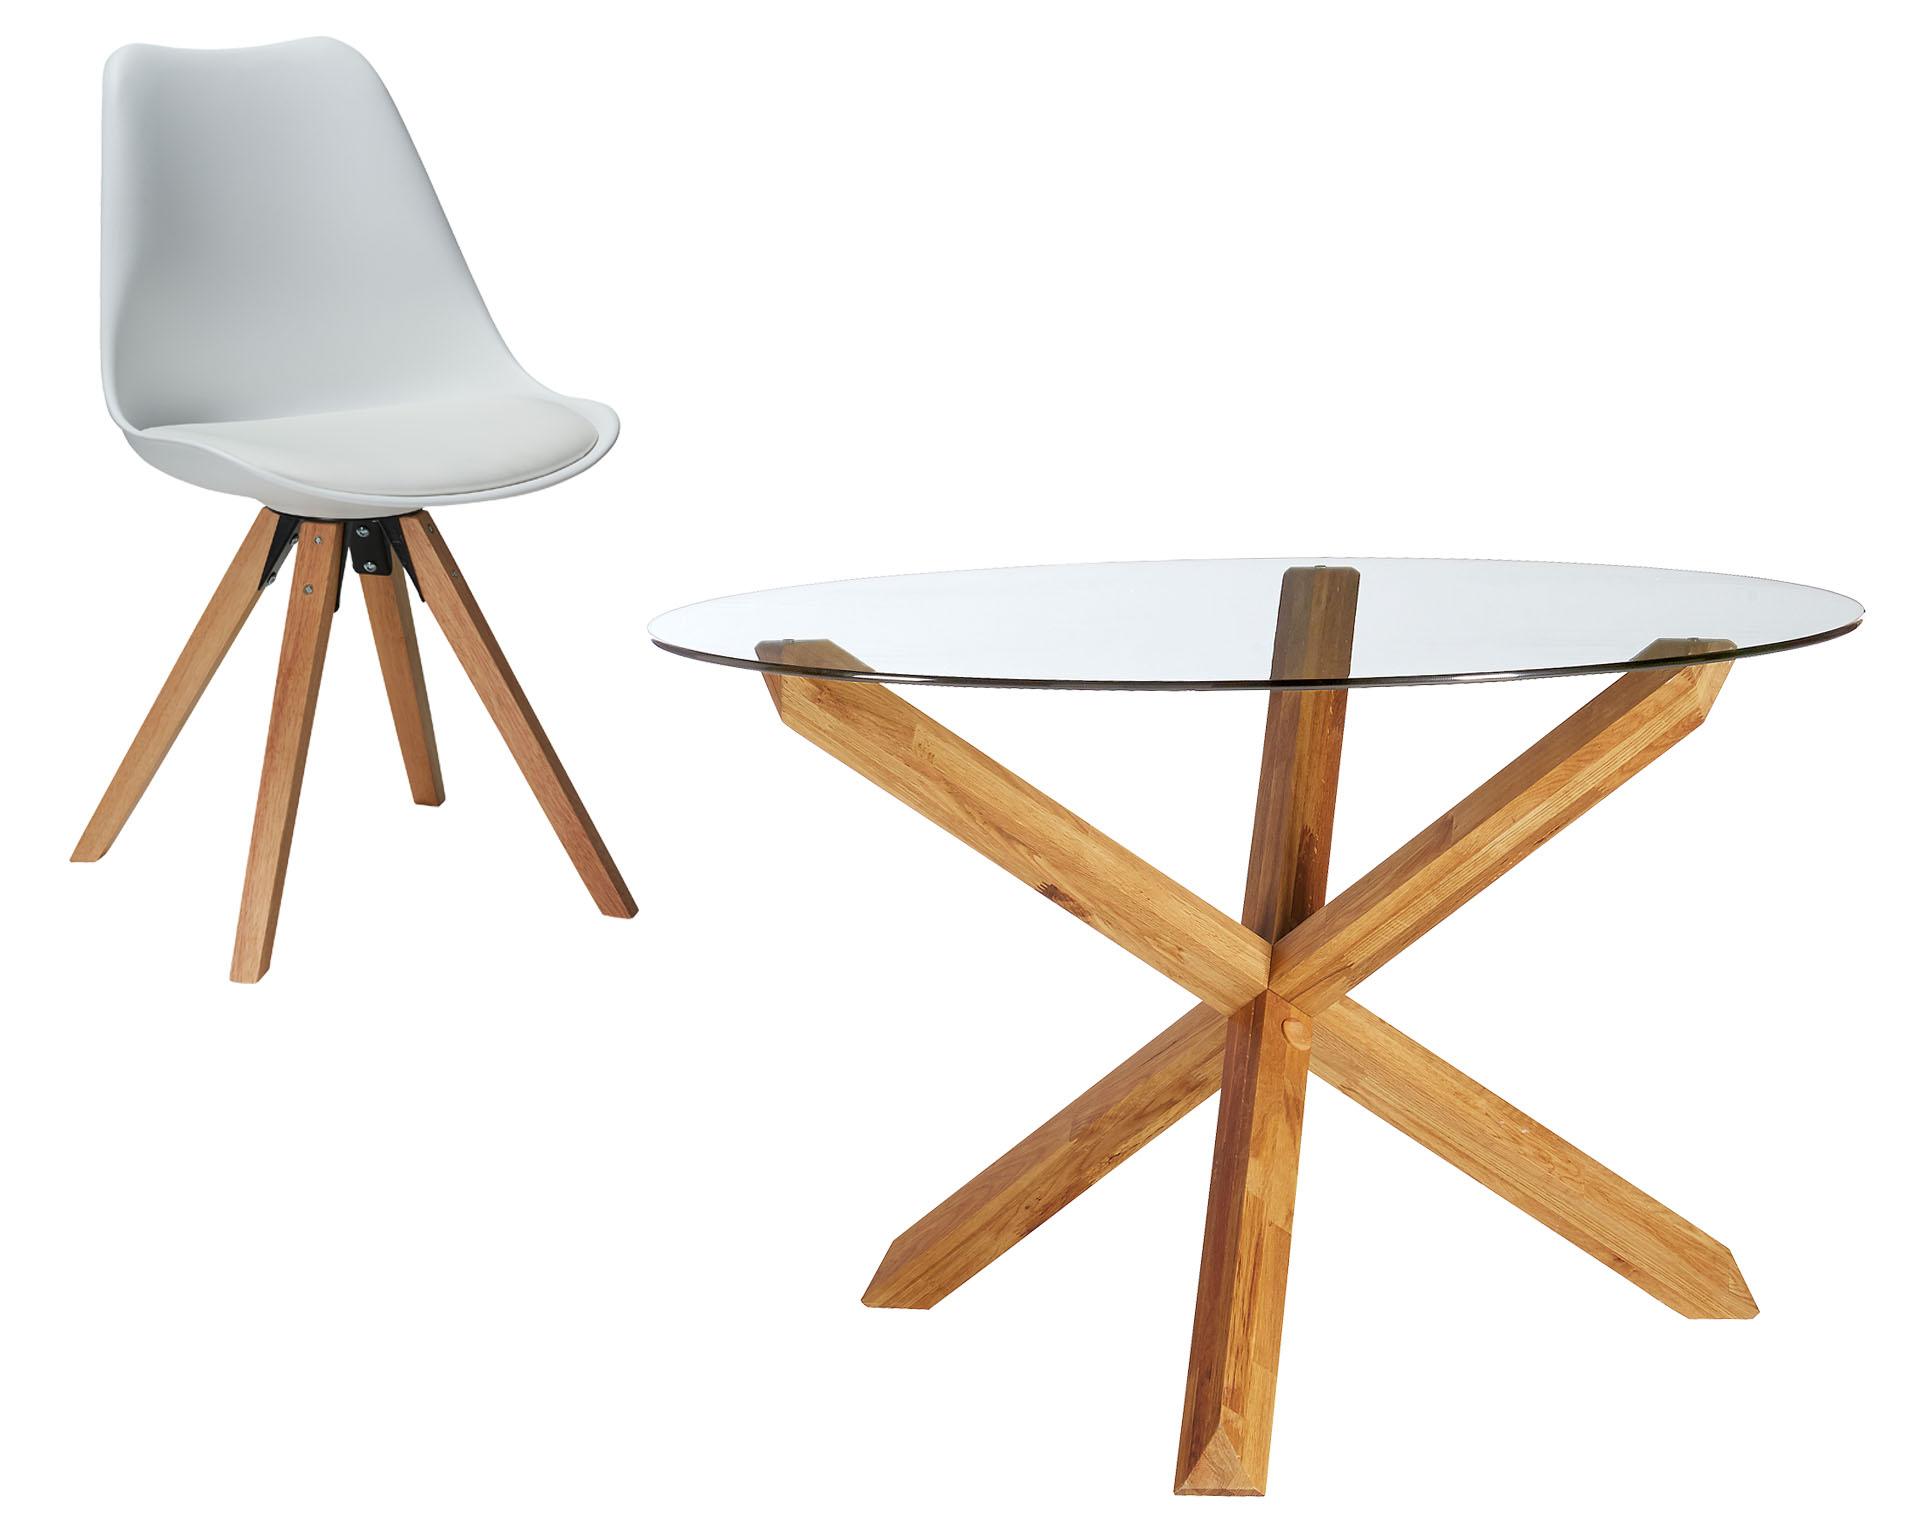 esszimmerset saskia blokhus nur 349 00 cherry m bel d nisches bettenlager. Black Bedroom Furniture Sets. Home Design Ideas